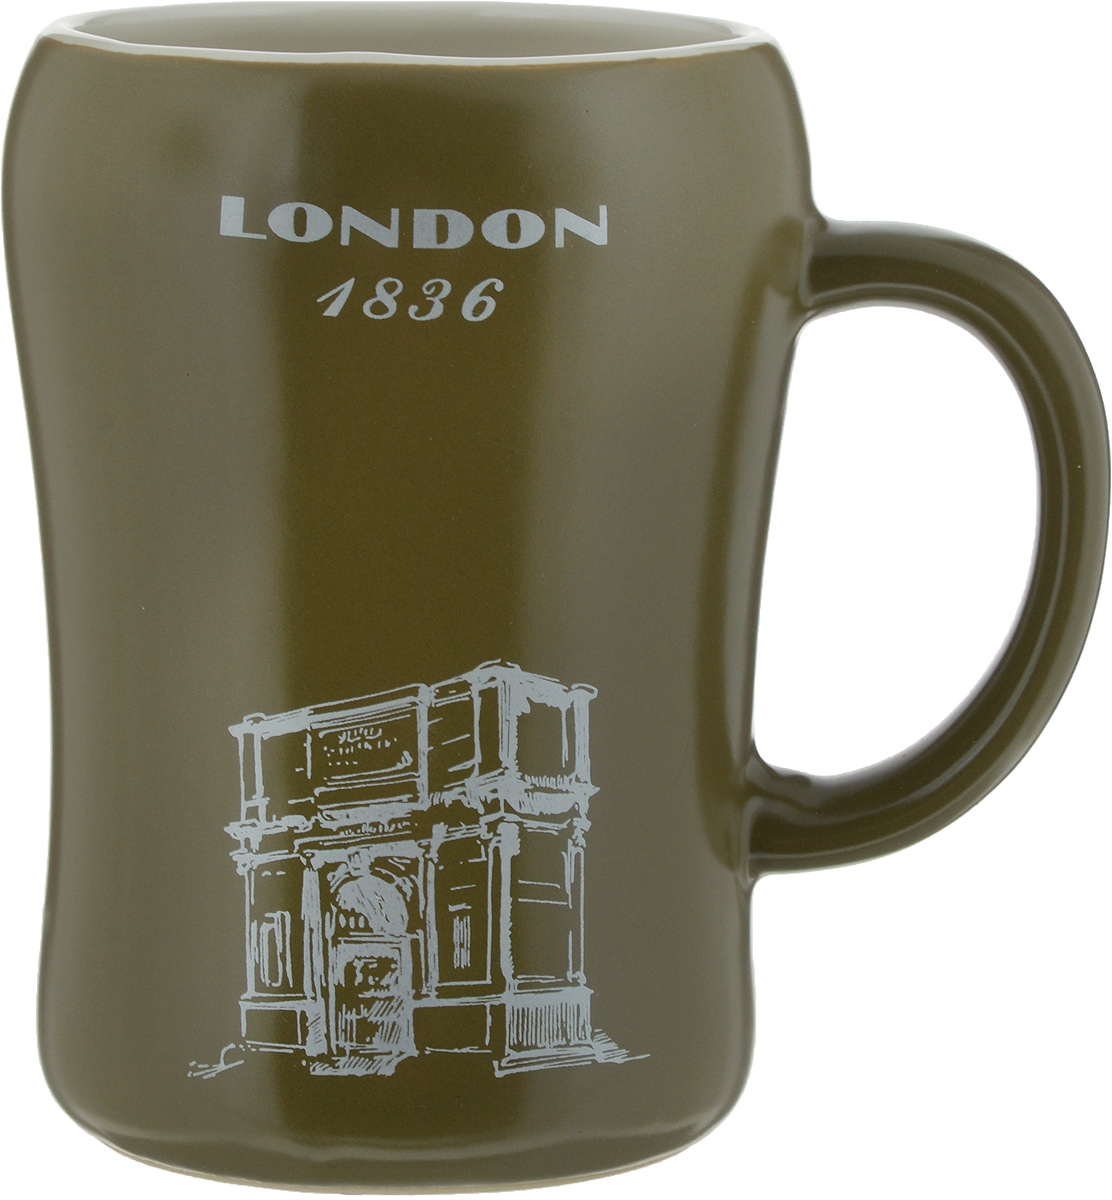 Кружка пивная Bella London, цвет: оливковый, 500 млKR-01SCD290CB-1438_оливковыйПивная кружка Bella London- это не просто емкость для пенного напитка, это еще оригинальный сувенир или прекрасный подарок длянастоящего ценителя. Такая пивная кружка превращает распитие пива в настоящий ритуал. Кружка выполнена из керамики и надписьюLondon1836.Пивная кружка Bella Paris станет прекрасным пополнением вашей коллекции.Не рекомендуется мыть в посудомоечной машине. Объем: 500 мл.Высота кружки: 13 см.Диаметр (по верхнему краю): 8,5 см.